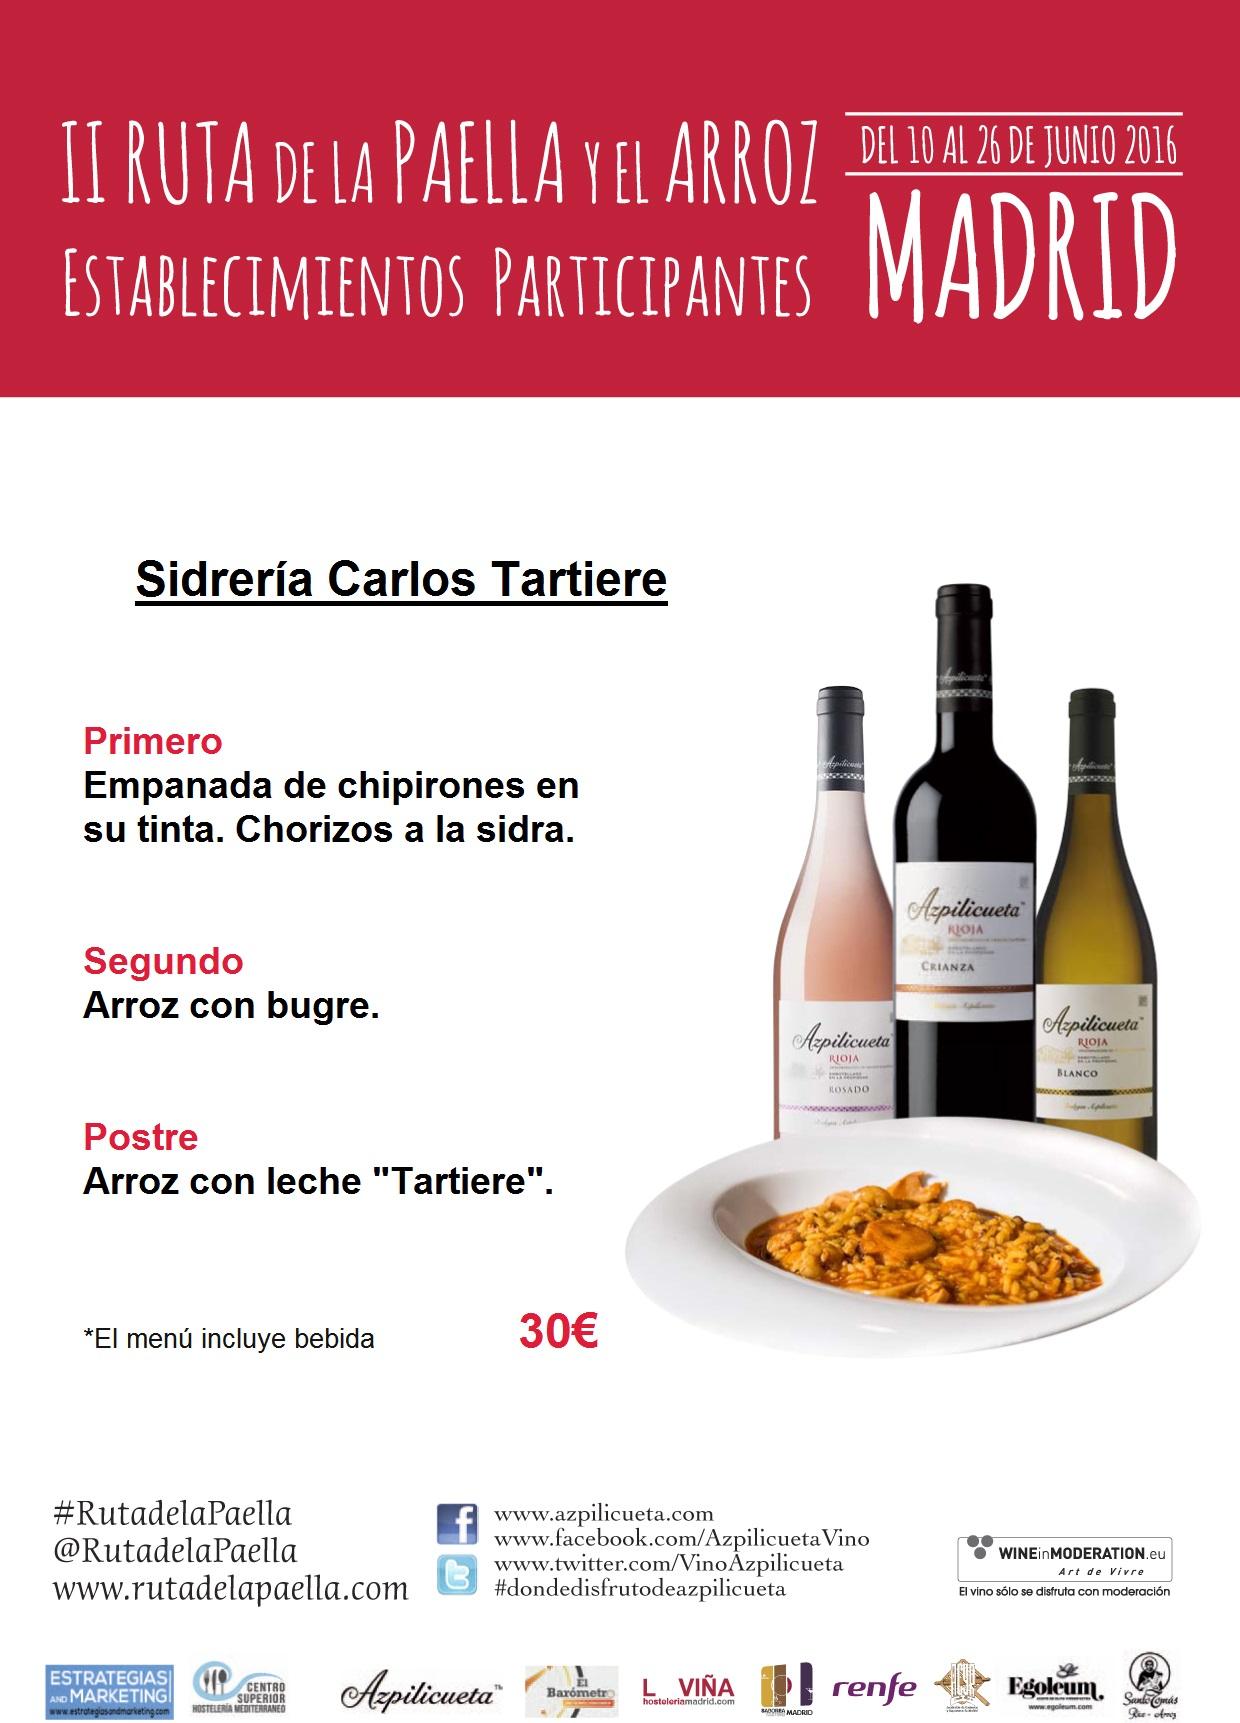 Sidrería Carlos Tartiere